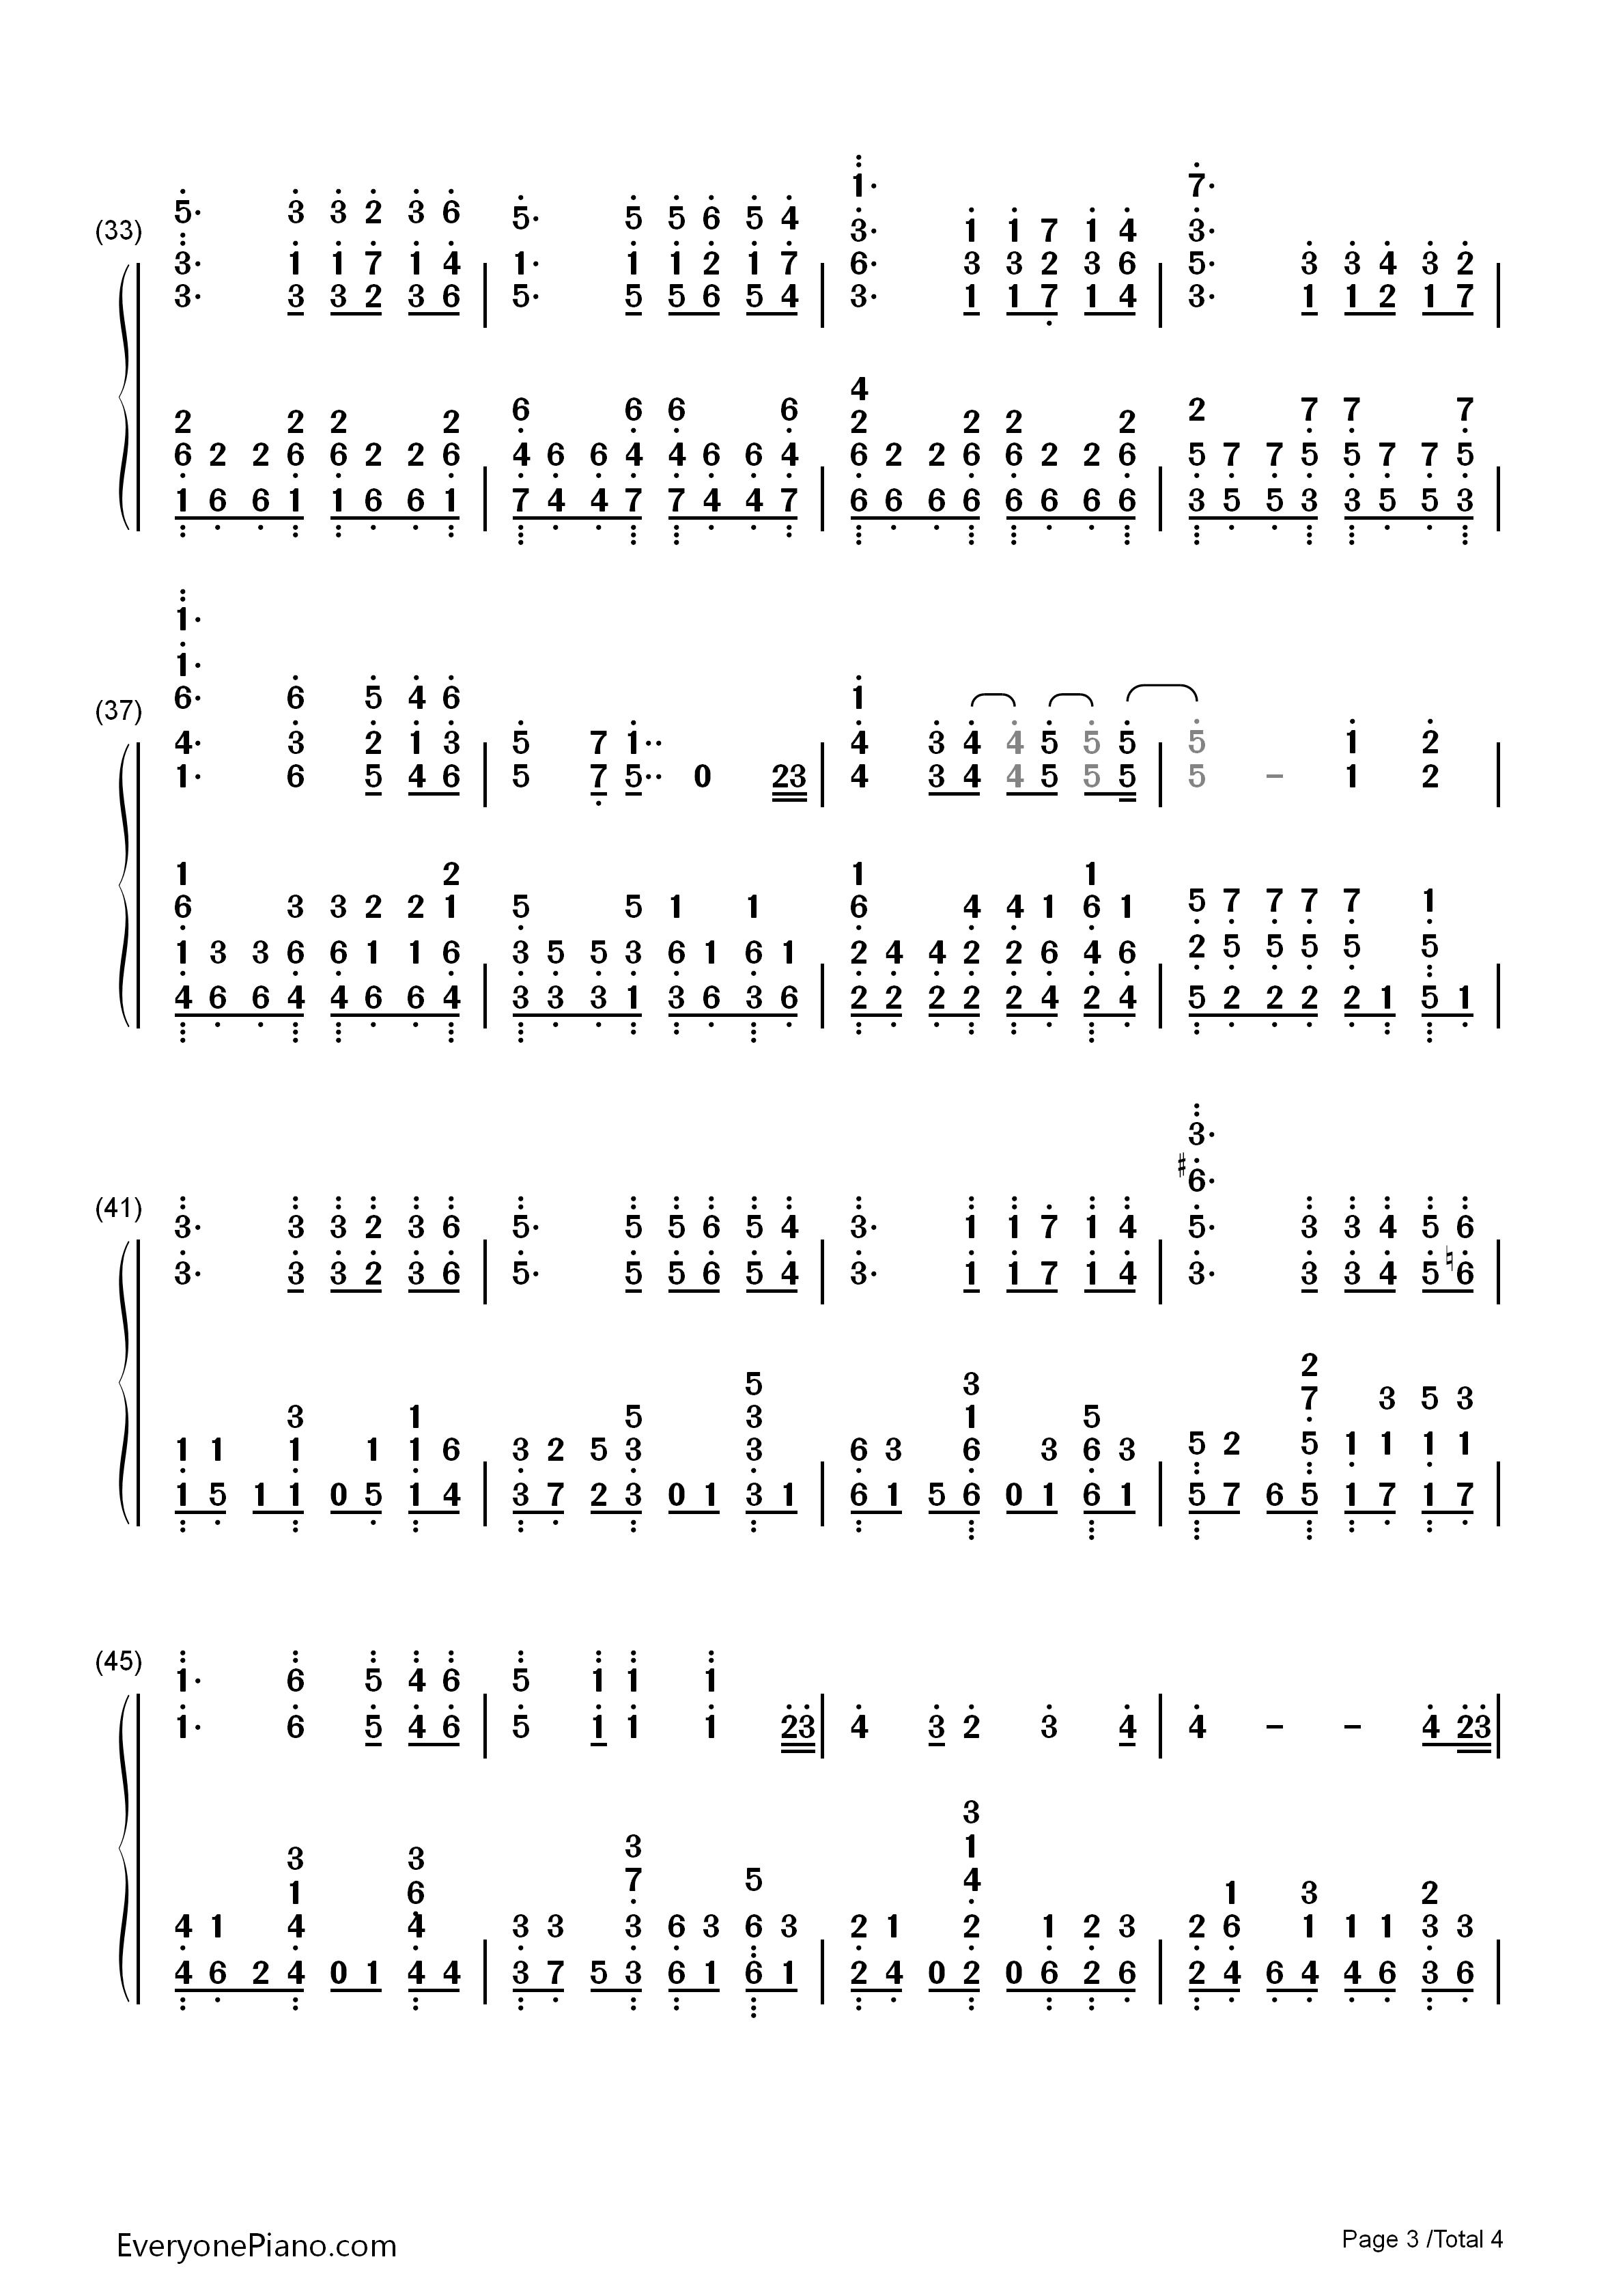 ed12双手简谱预览3  亲,在你免费下载谱子之后,请顺便给弹奏的大神点